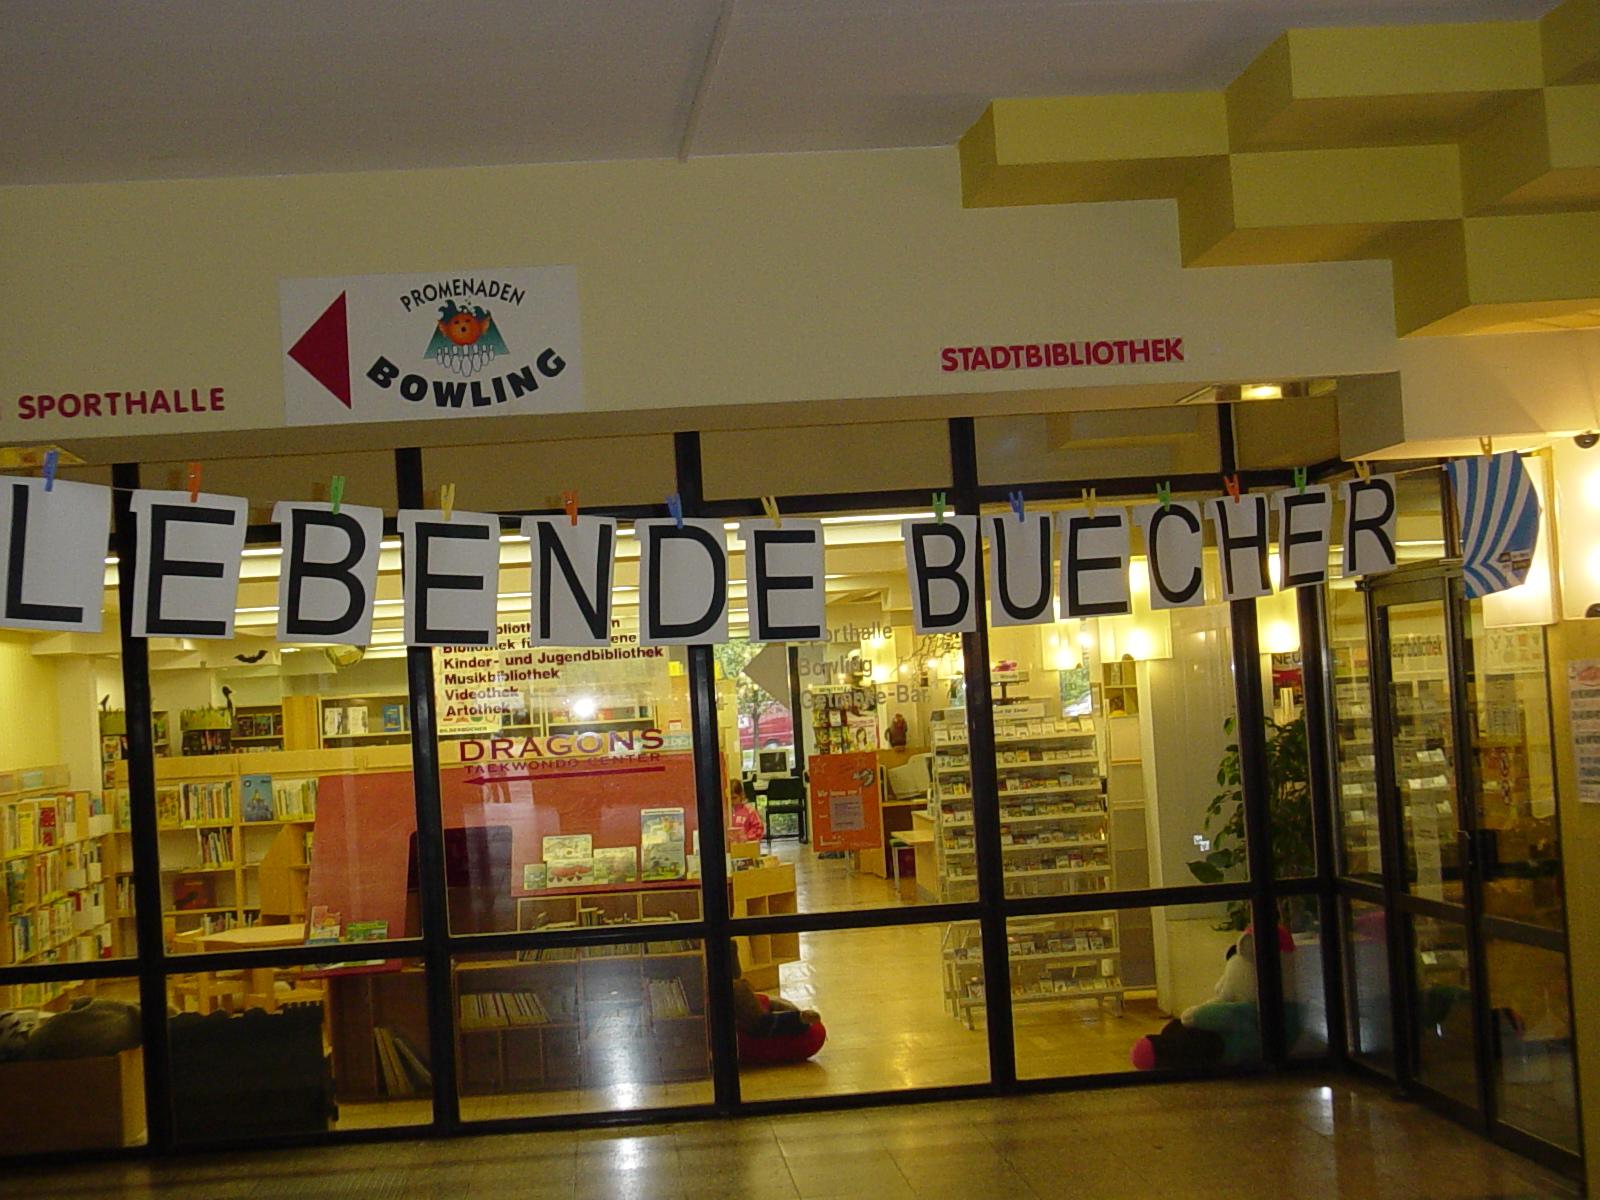 Eingang zur Stadtbibliothek Marzahn-Hellersdorf am 20.4.2007